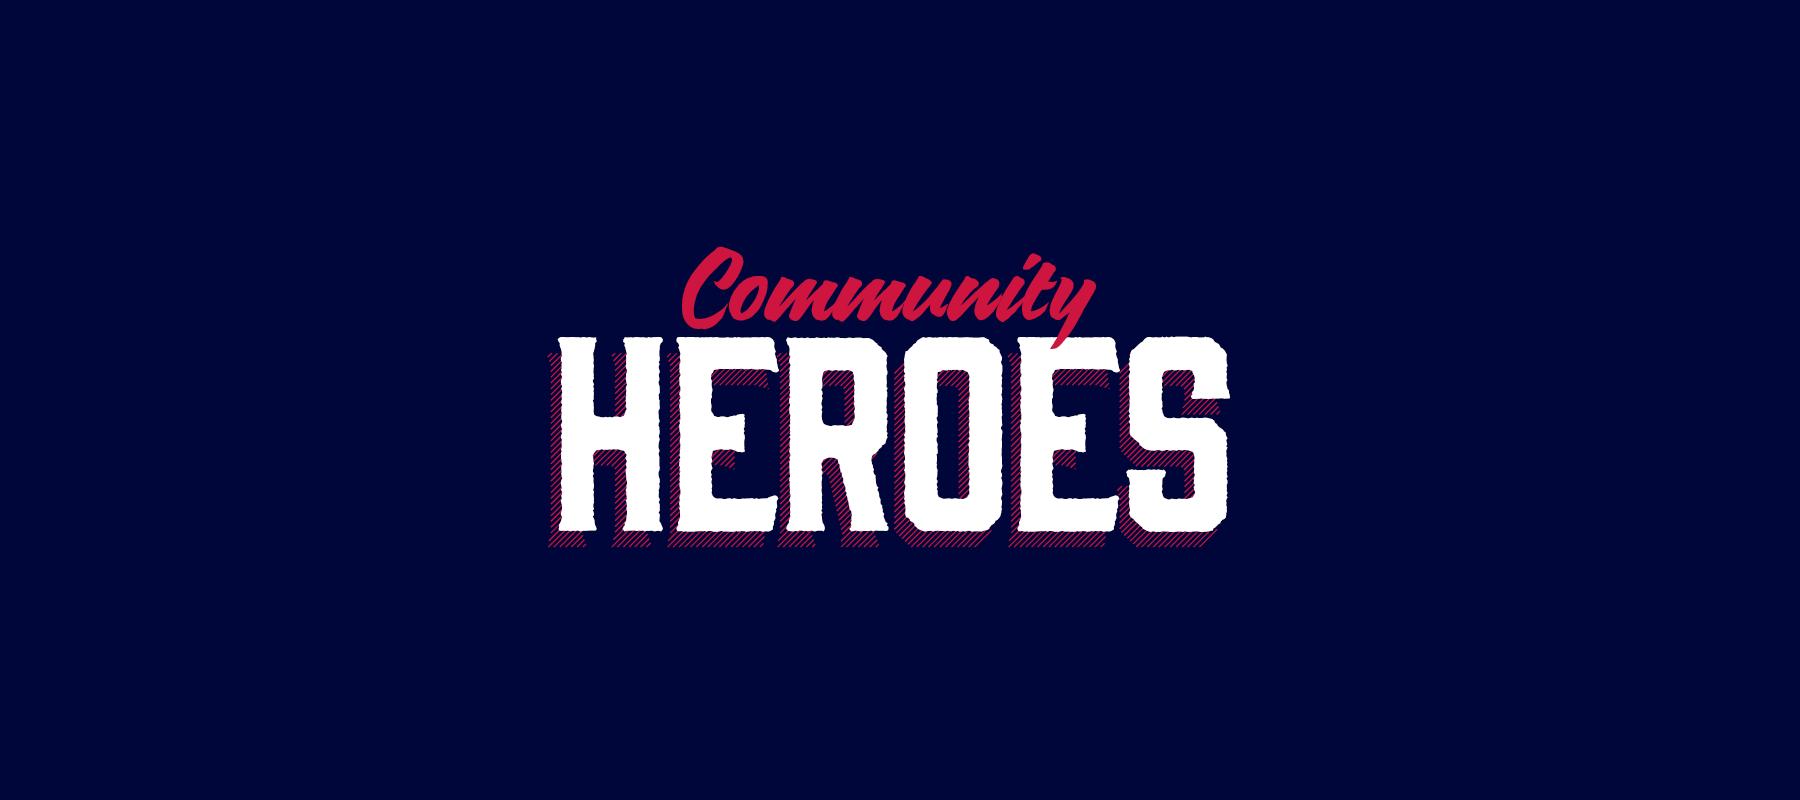 Community Heroes hero